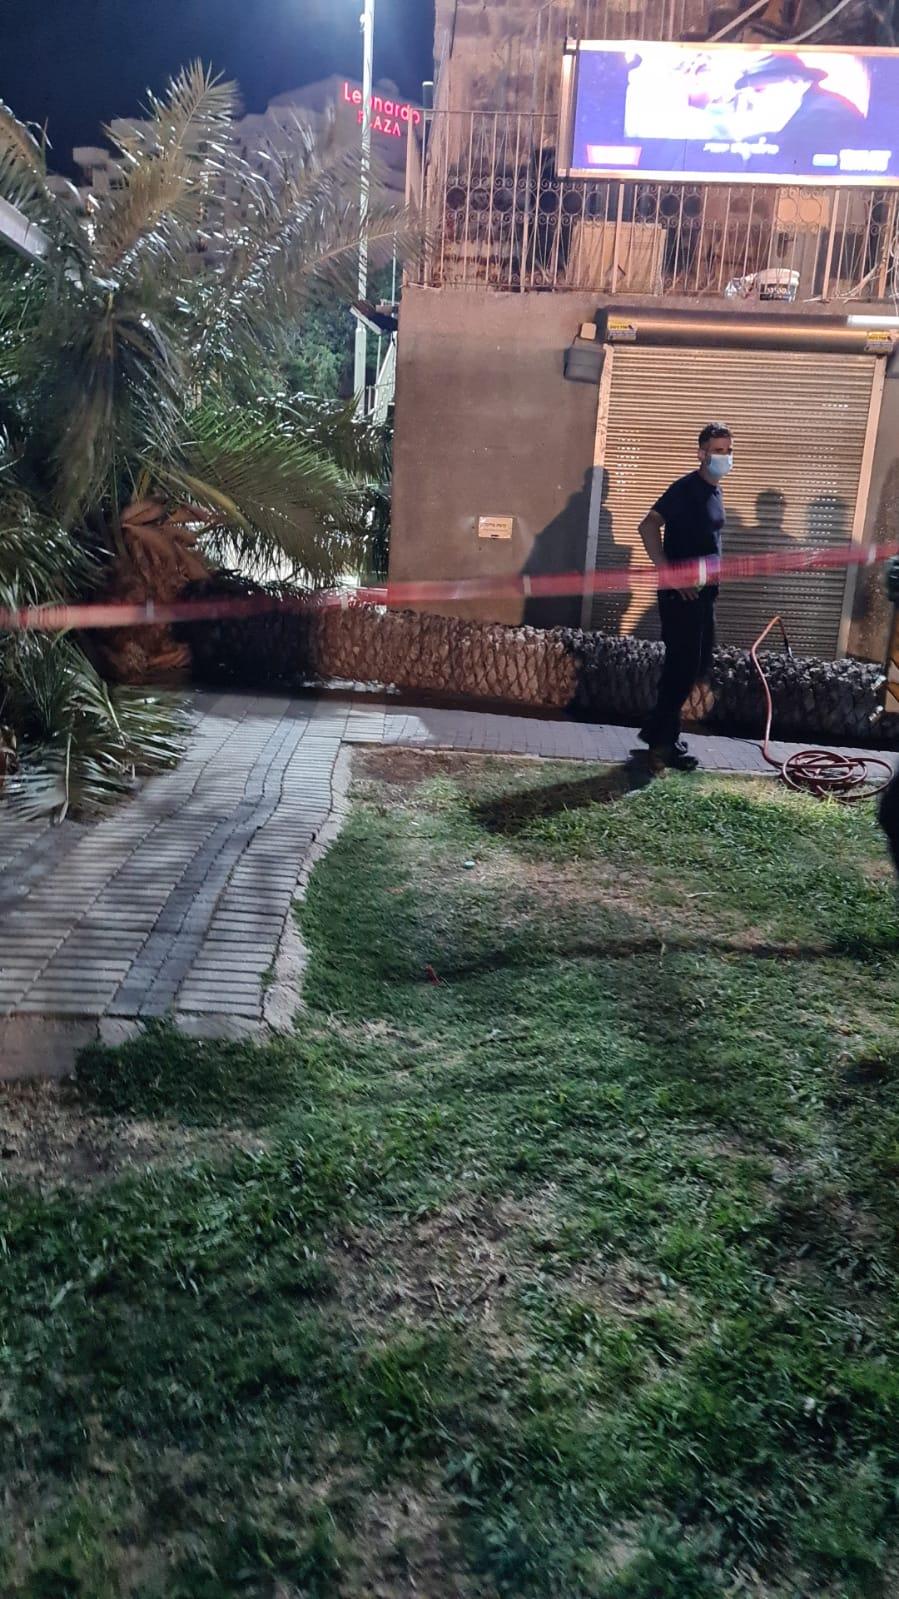 אישה בת 60 נהרגה כתוצאה מקריסת עץ בטבריה